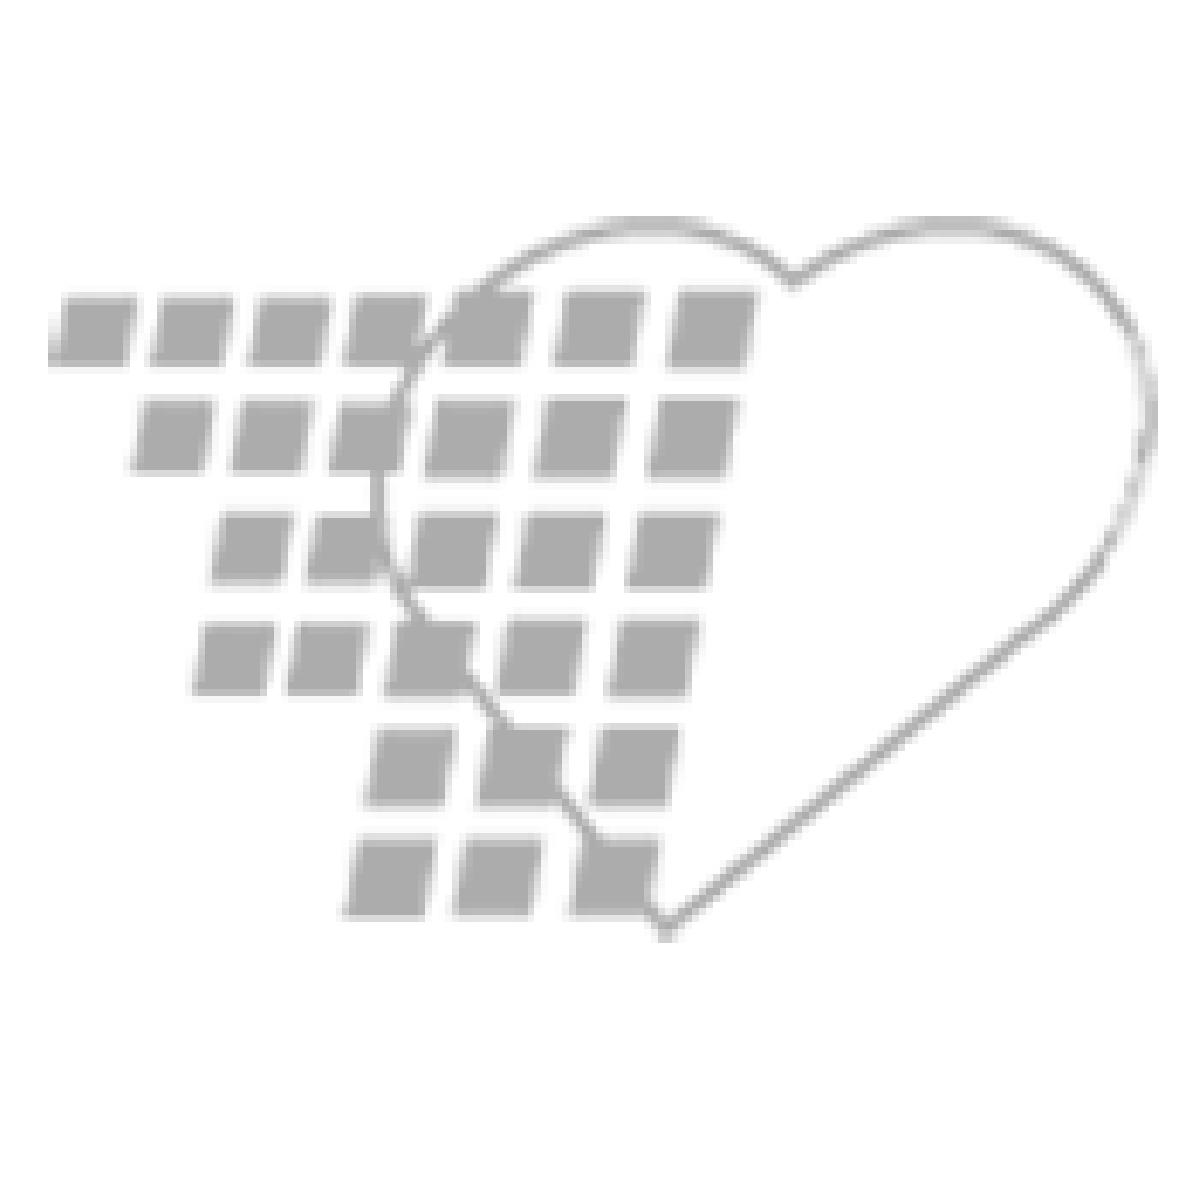 05-46-9001 BARD Lopez® Valve (Enteral Valve)